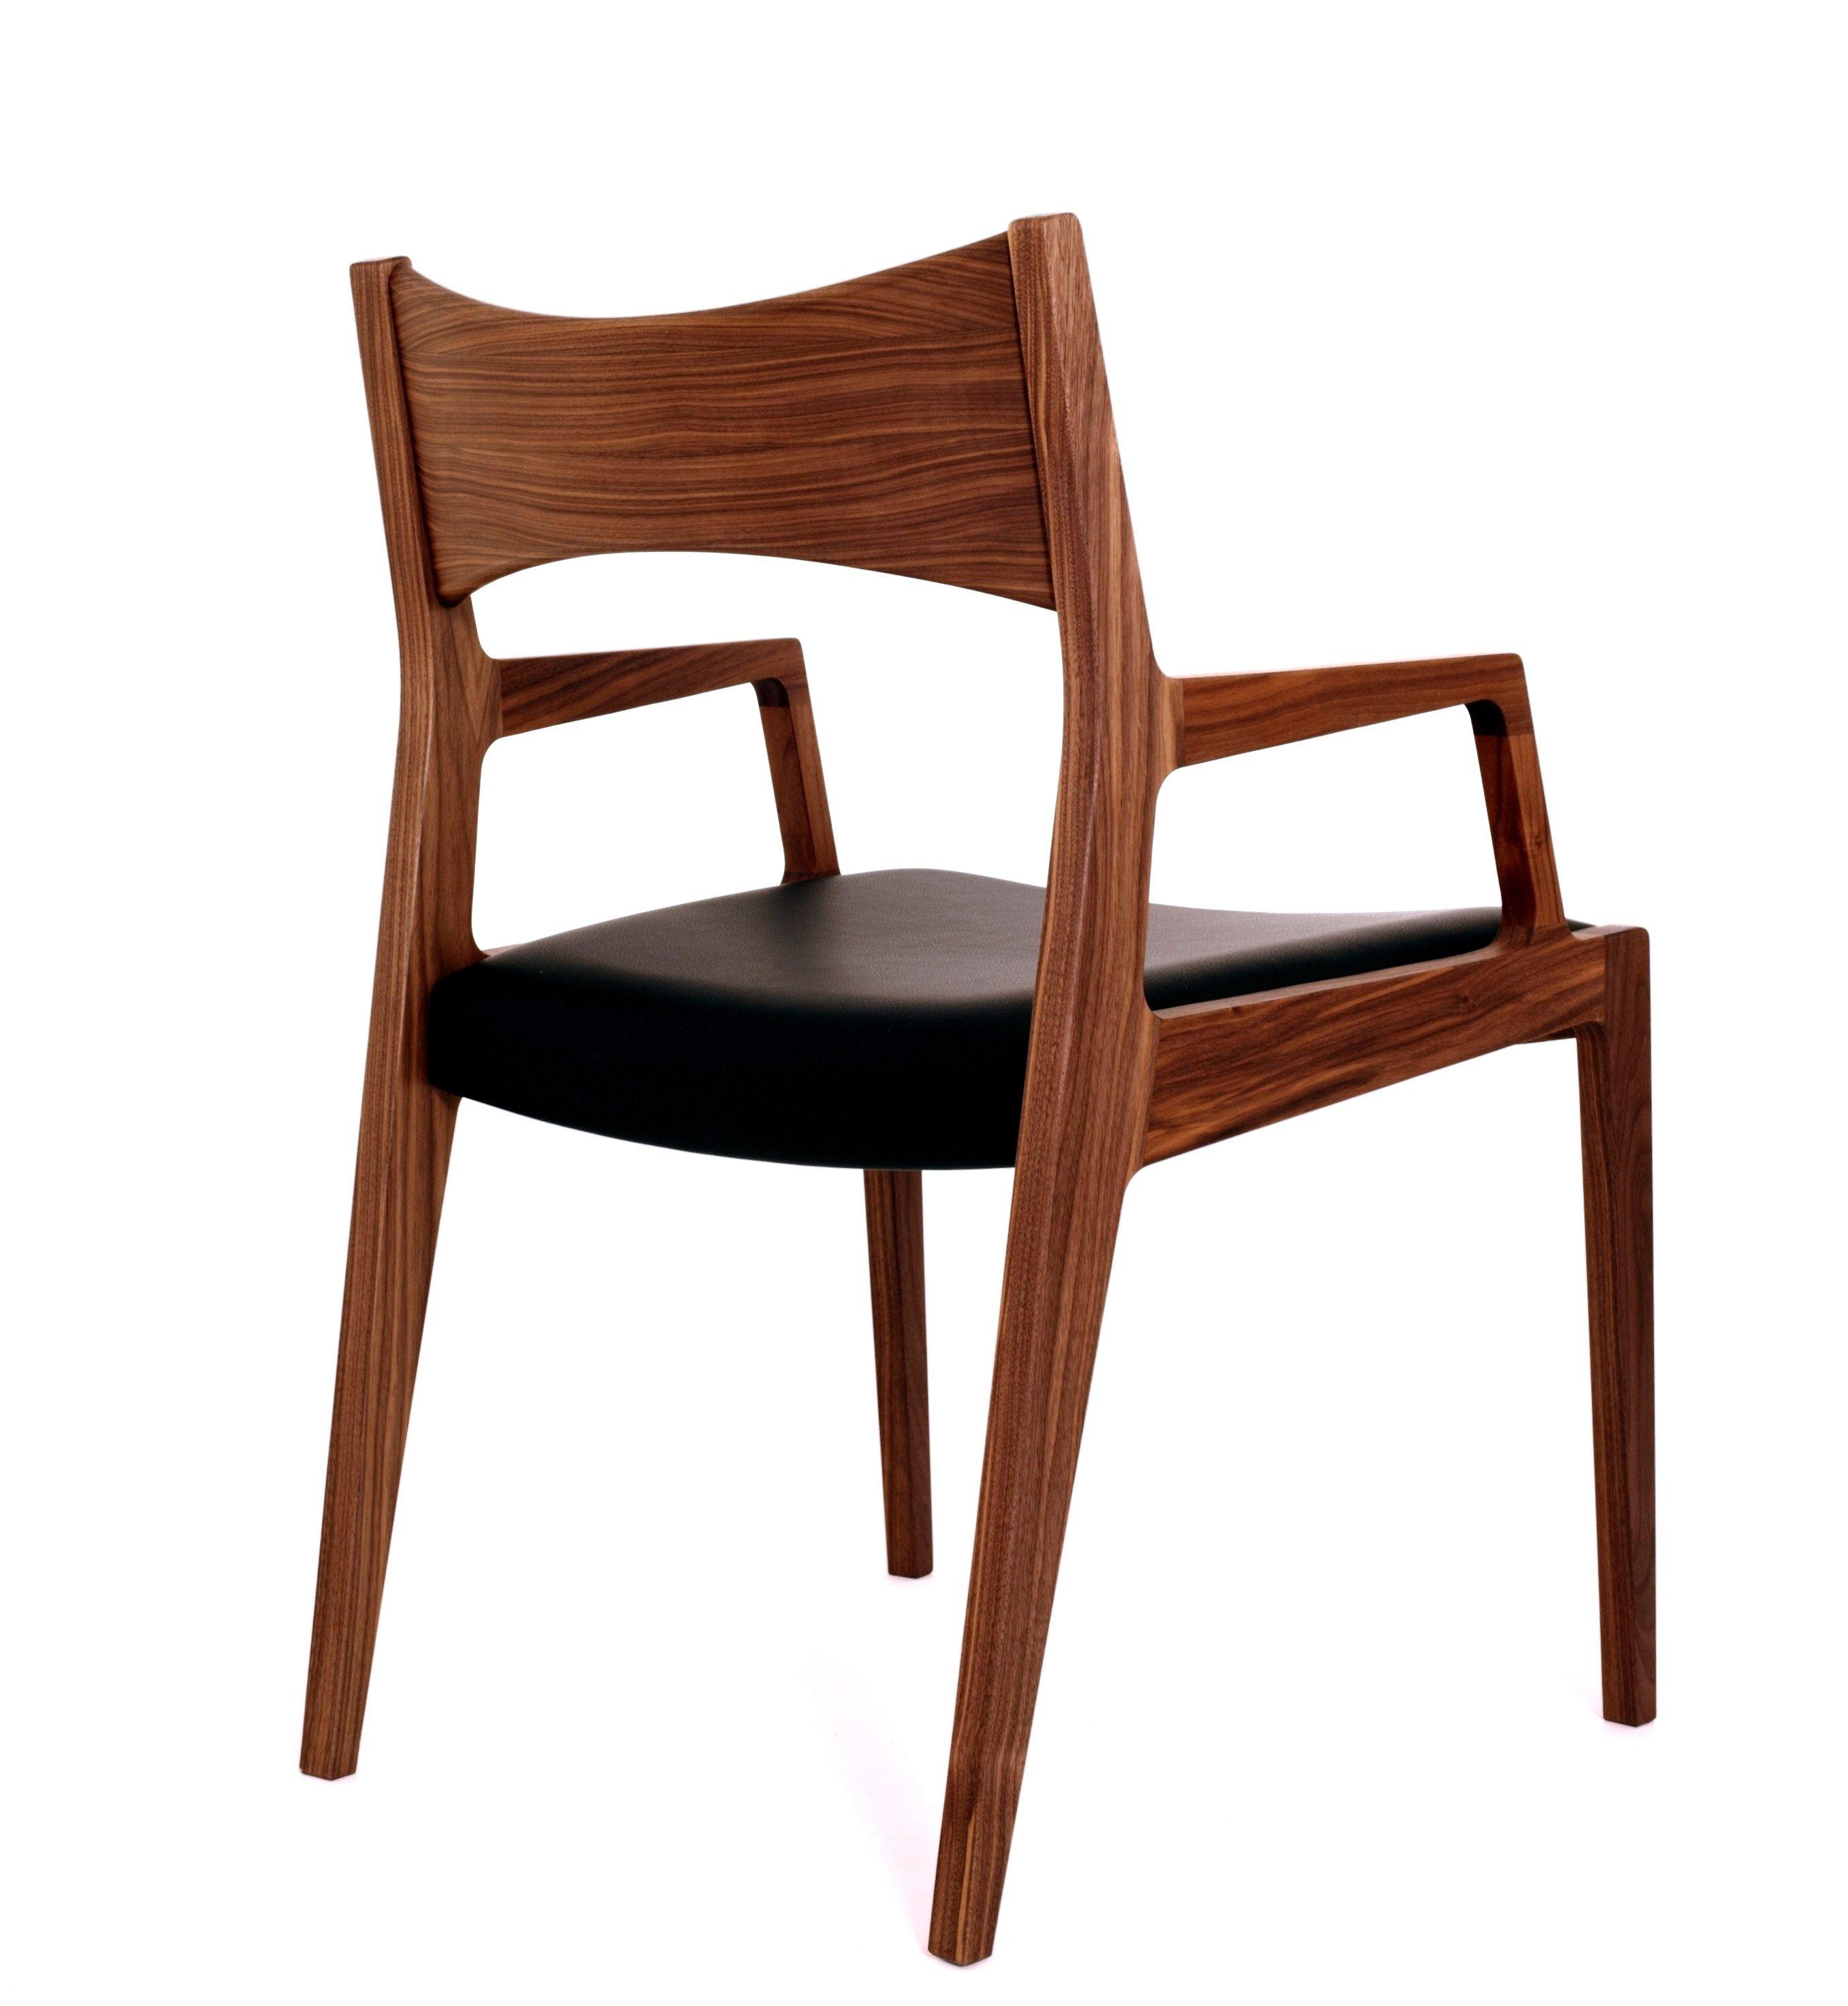 Baker sedia con braccioli by dare studio design sean dare - Sedia imbottita con braccioli ...